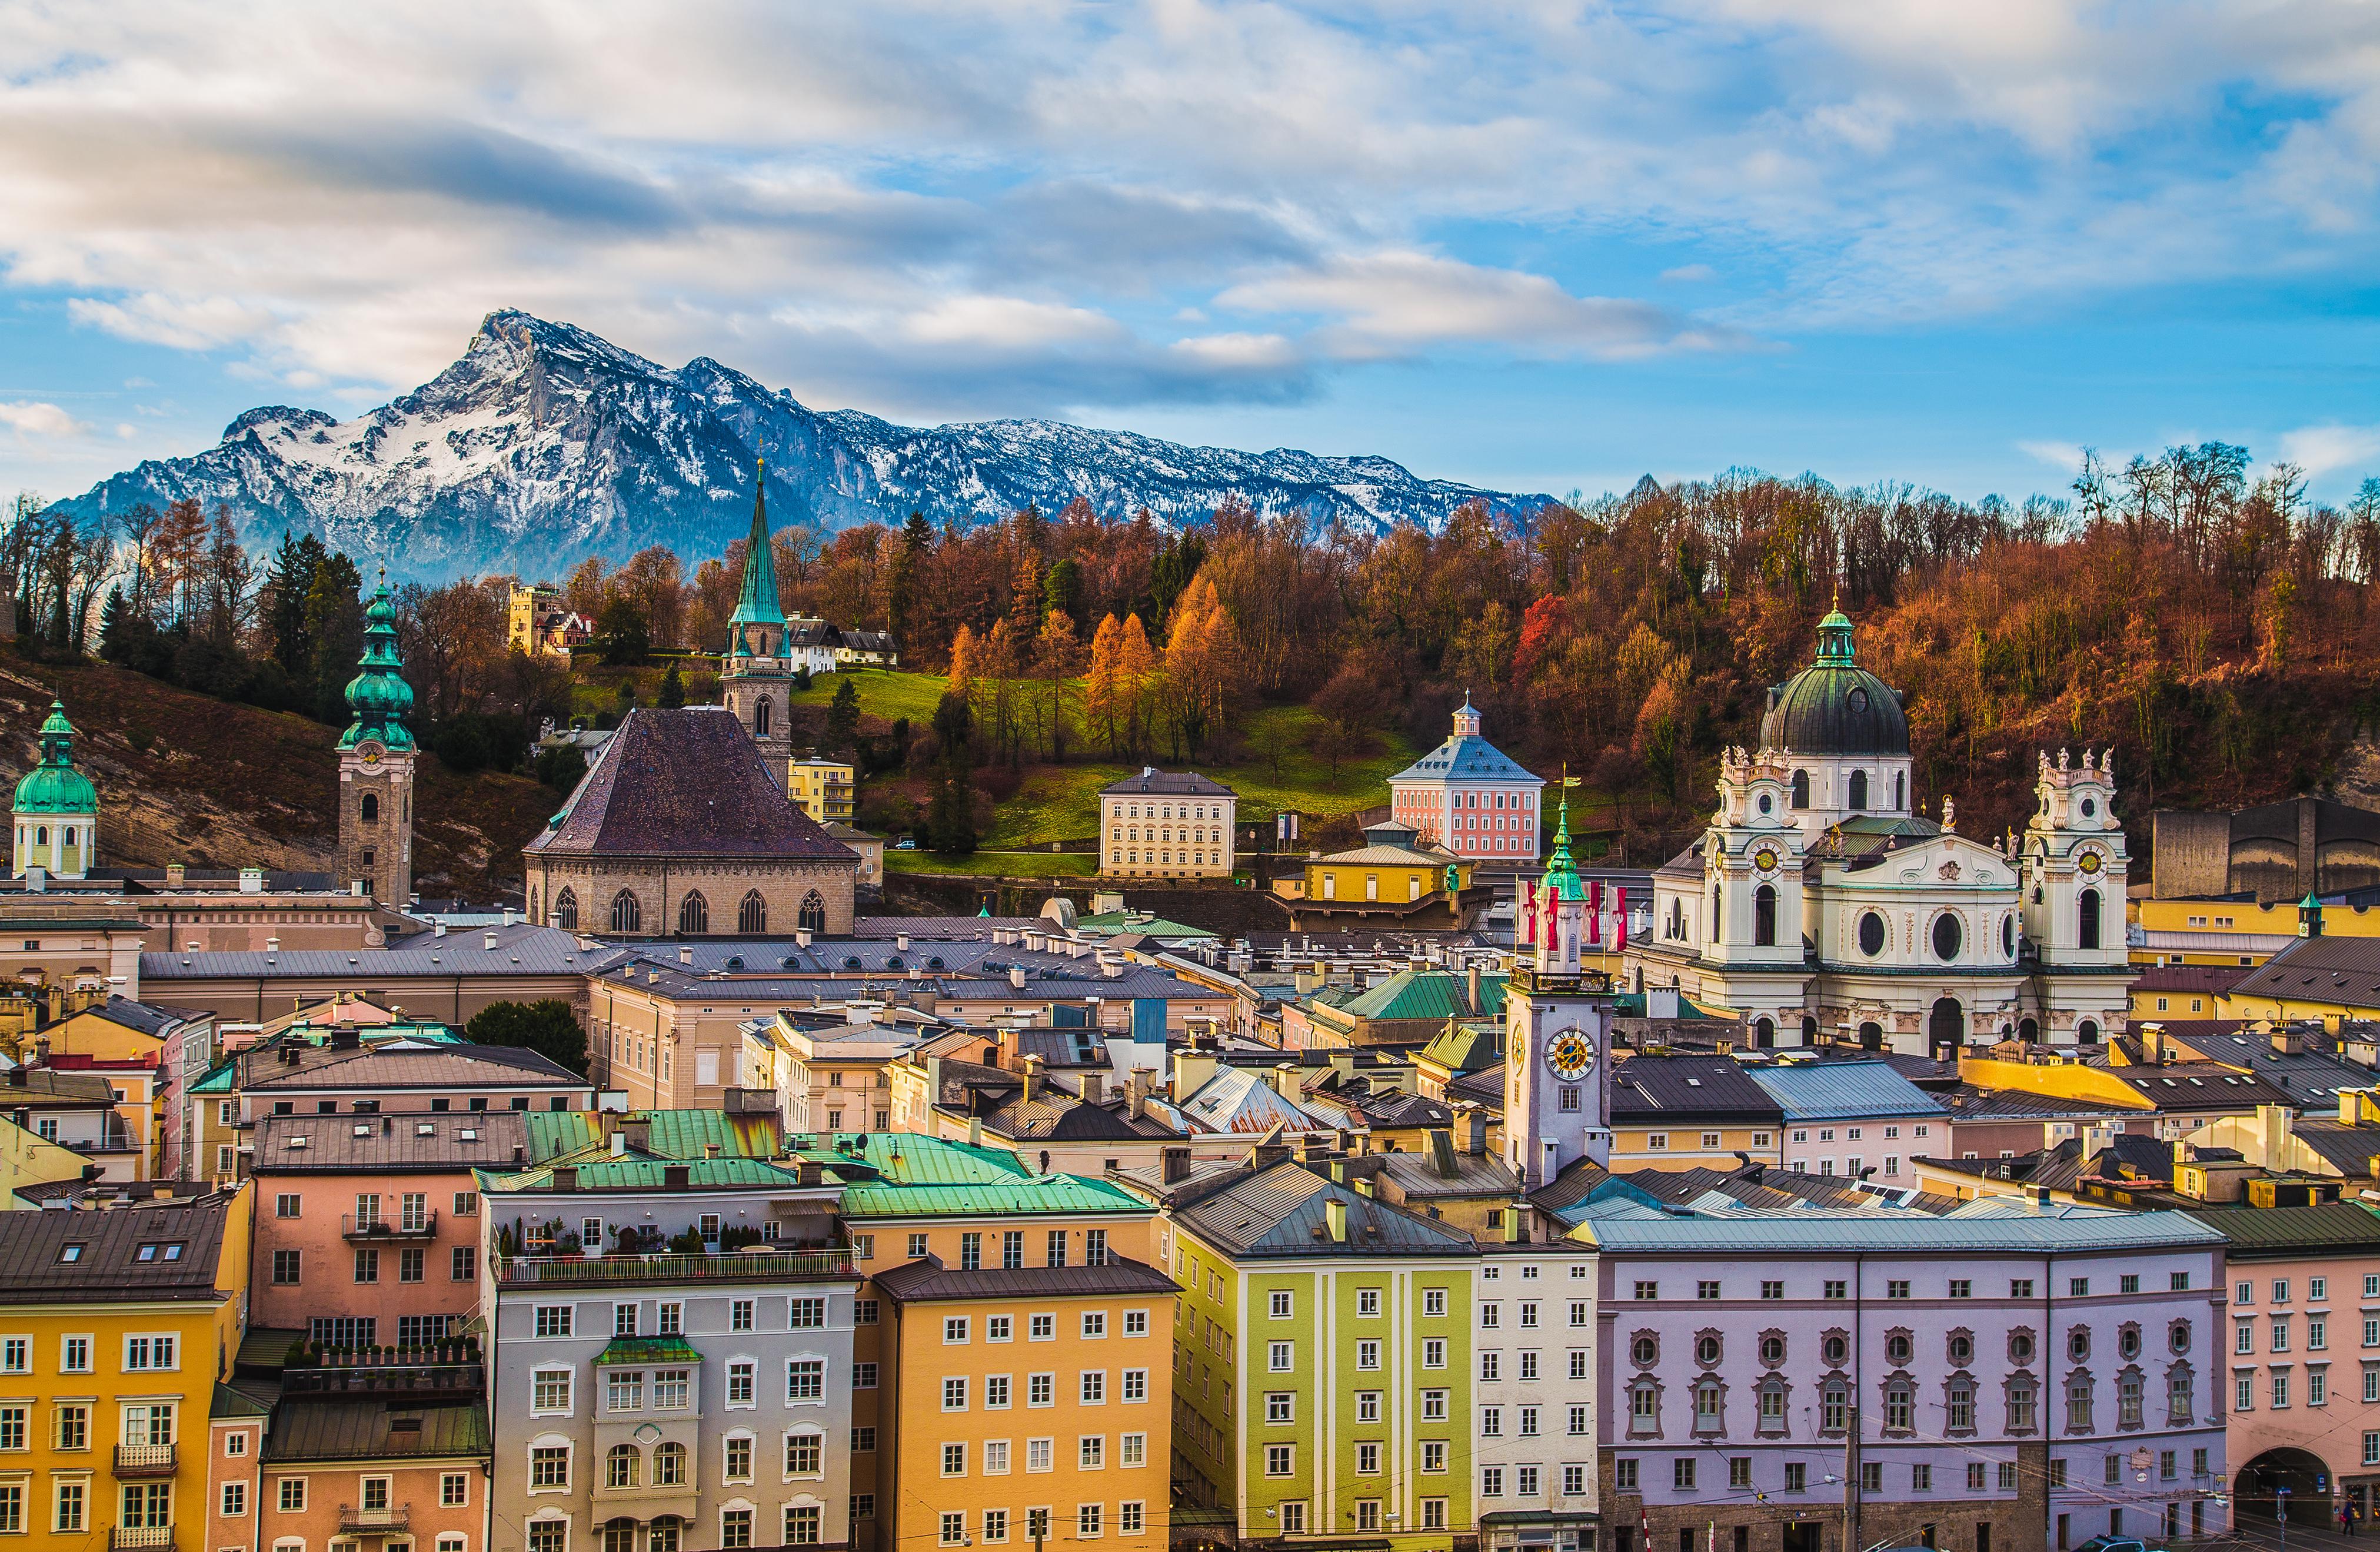 Зальцбург, город в Австрии, стране, недвижимость в которой могут купить иностранцы